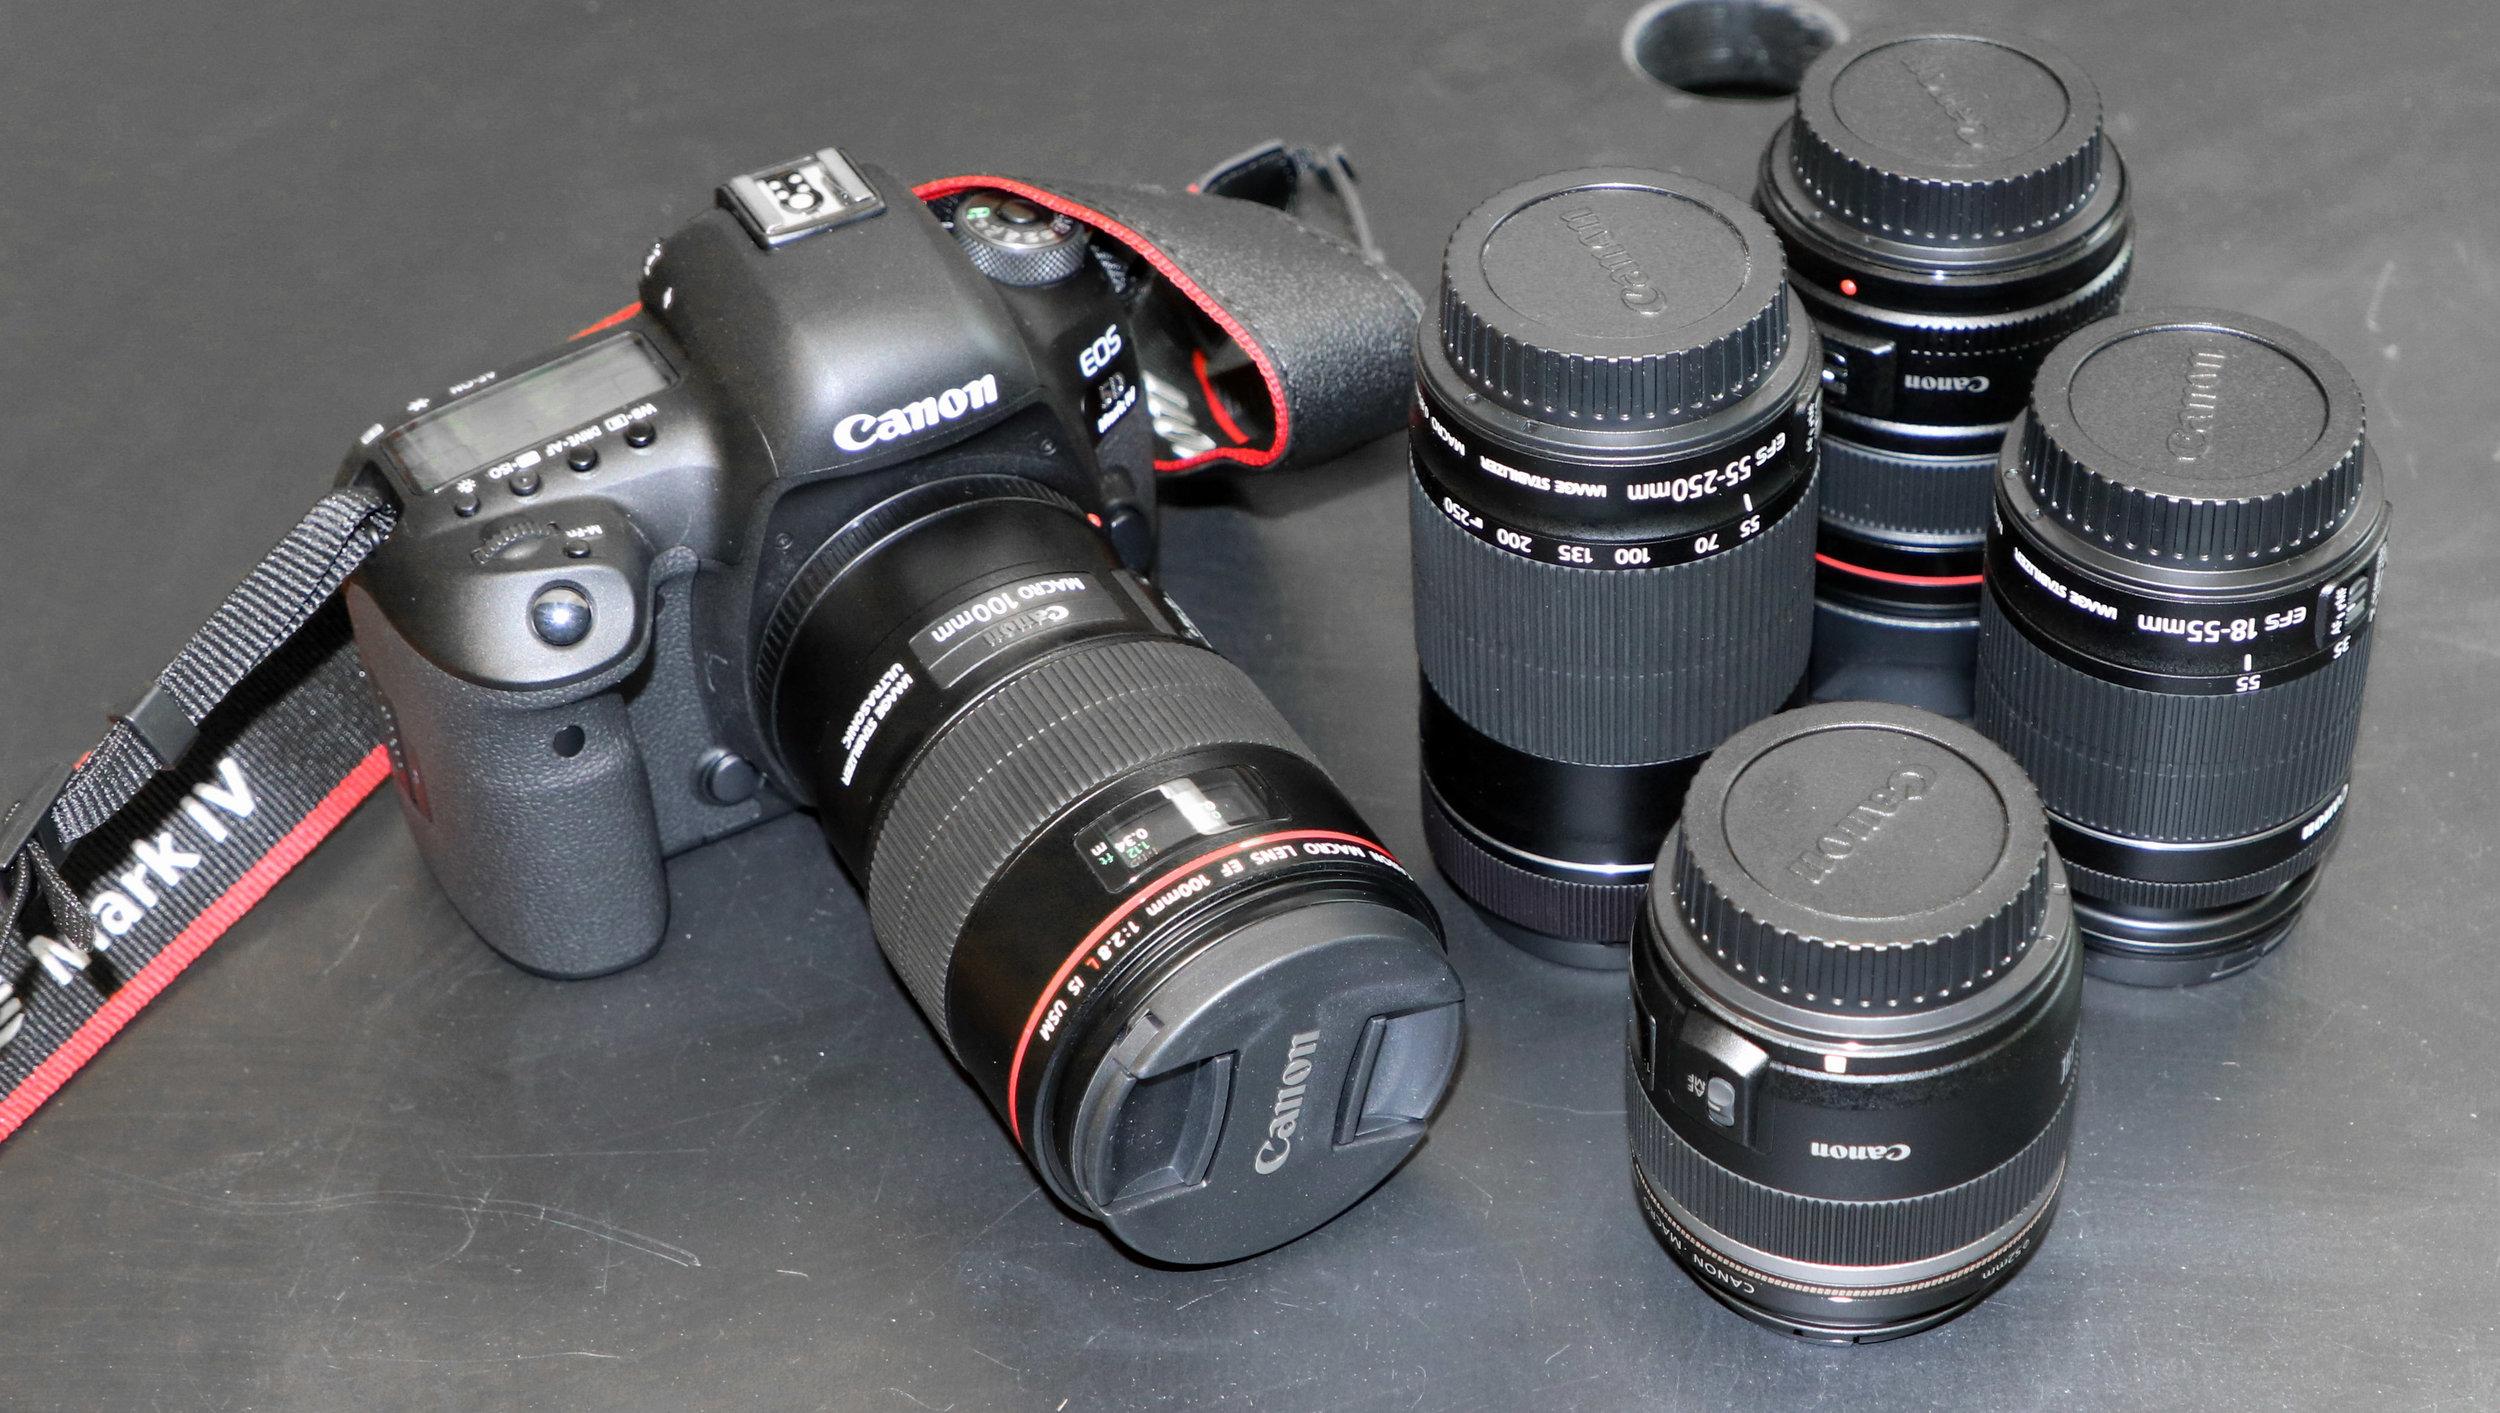 Canon EOS 5D Mark IV and lenses.